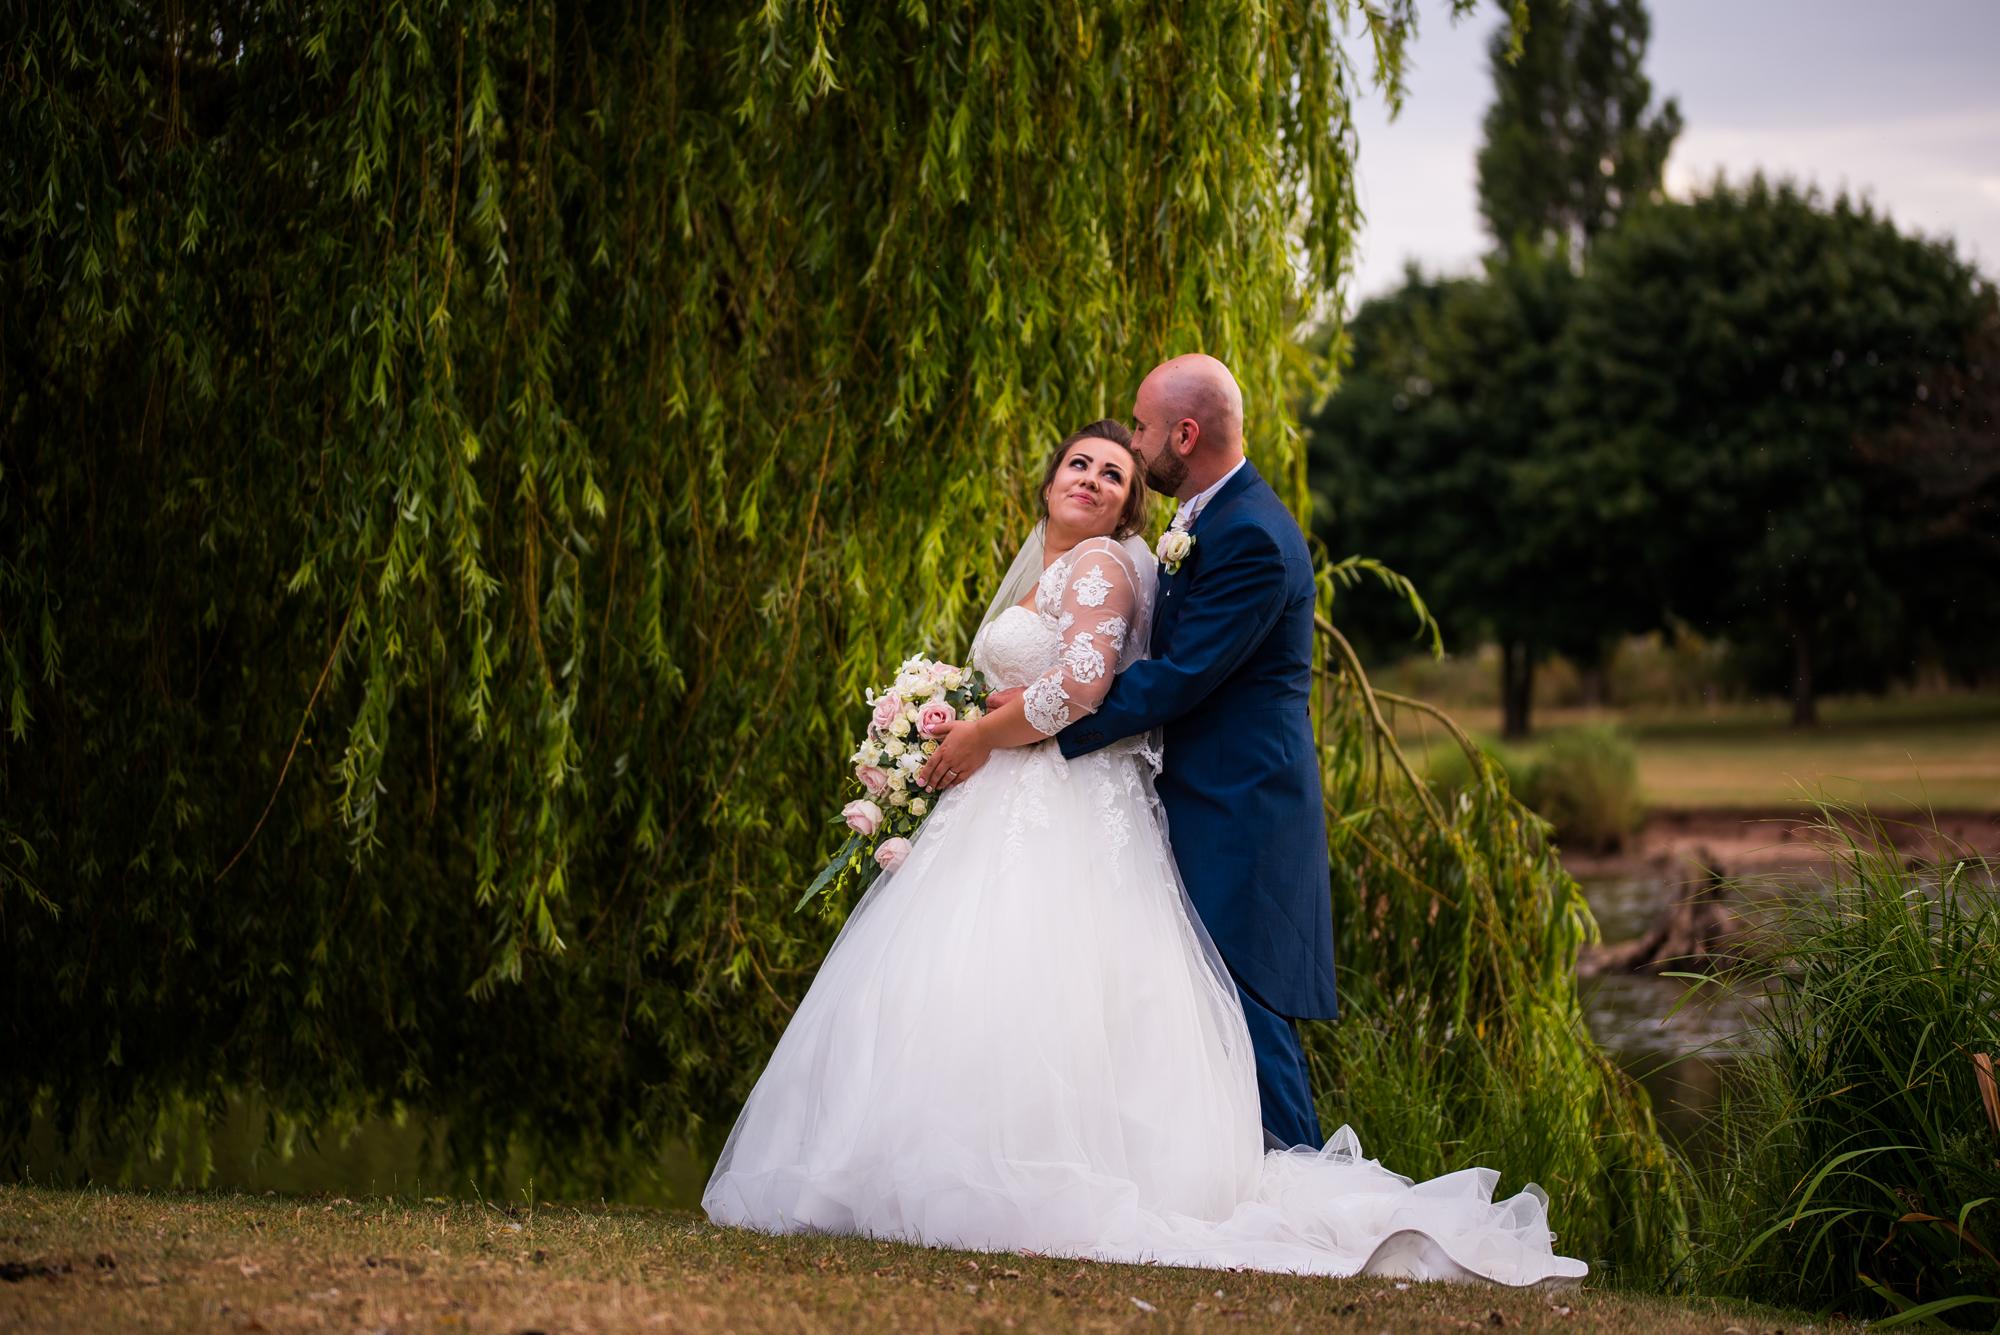 Roise and John wedding photos (328 of 383).jpg